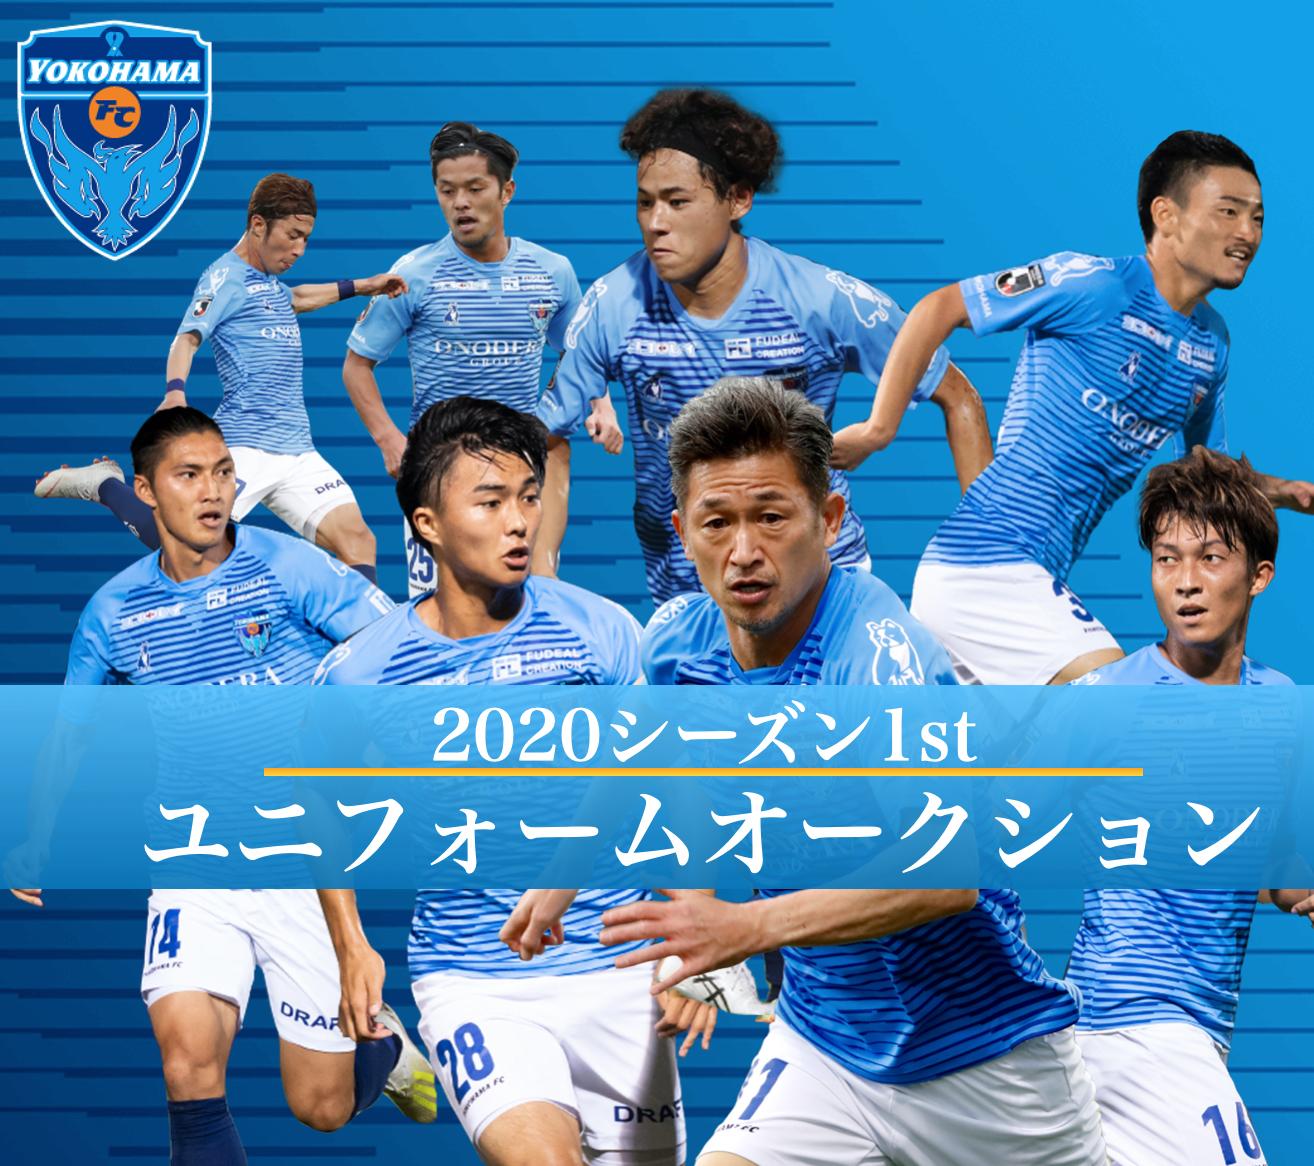 横浜FC 2020シーズン終盤を盛り上げる2020 1stオーセンティックユニフォームオークション